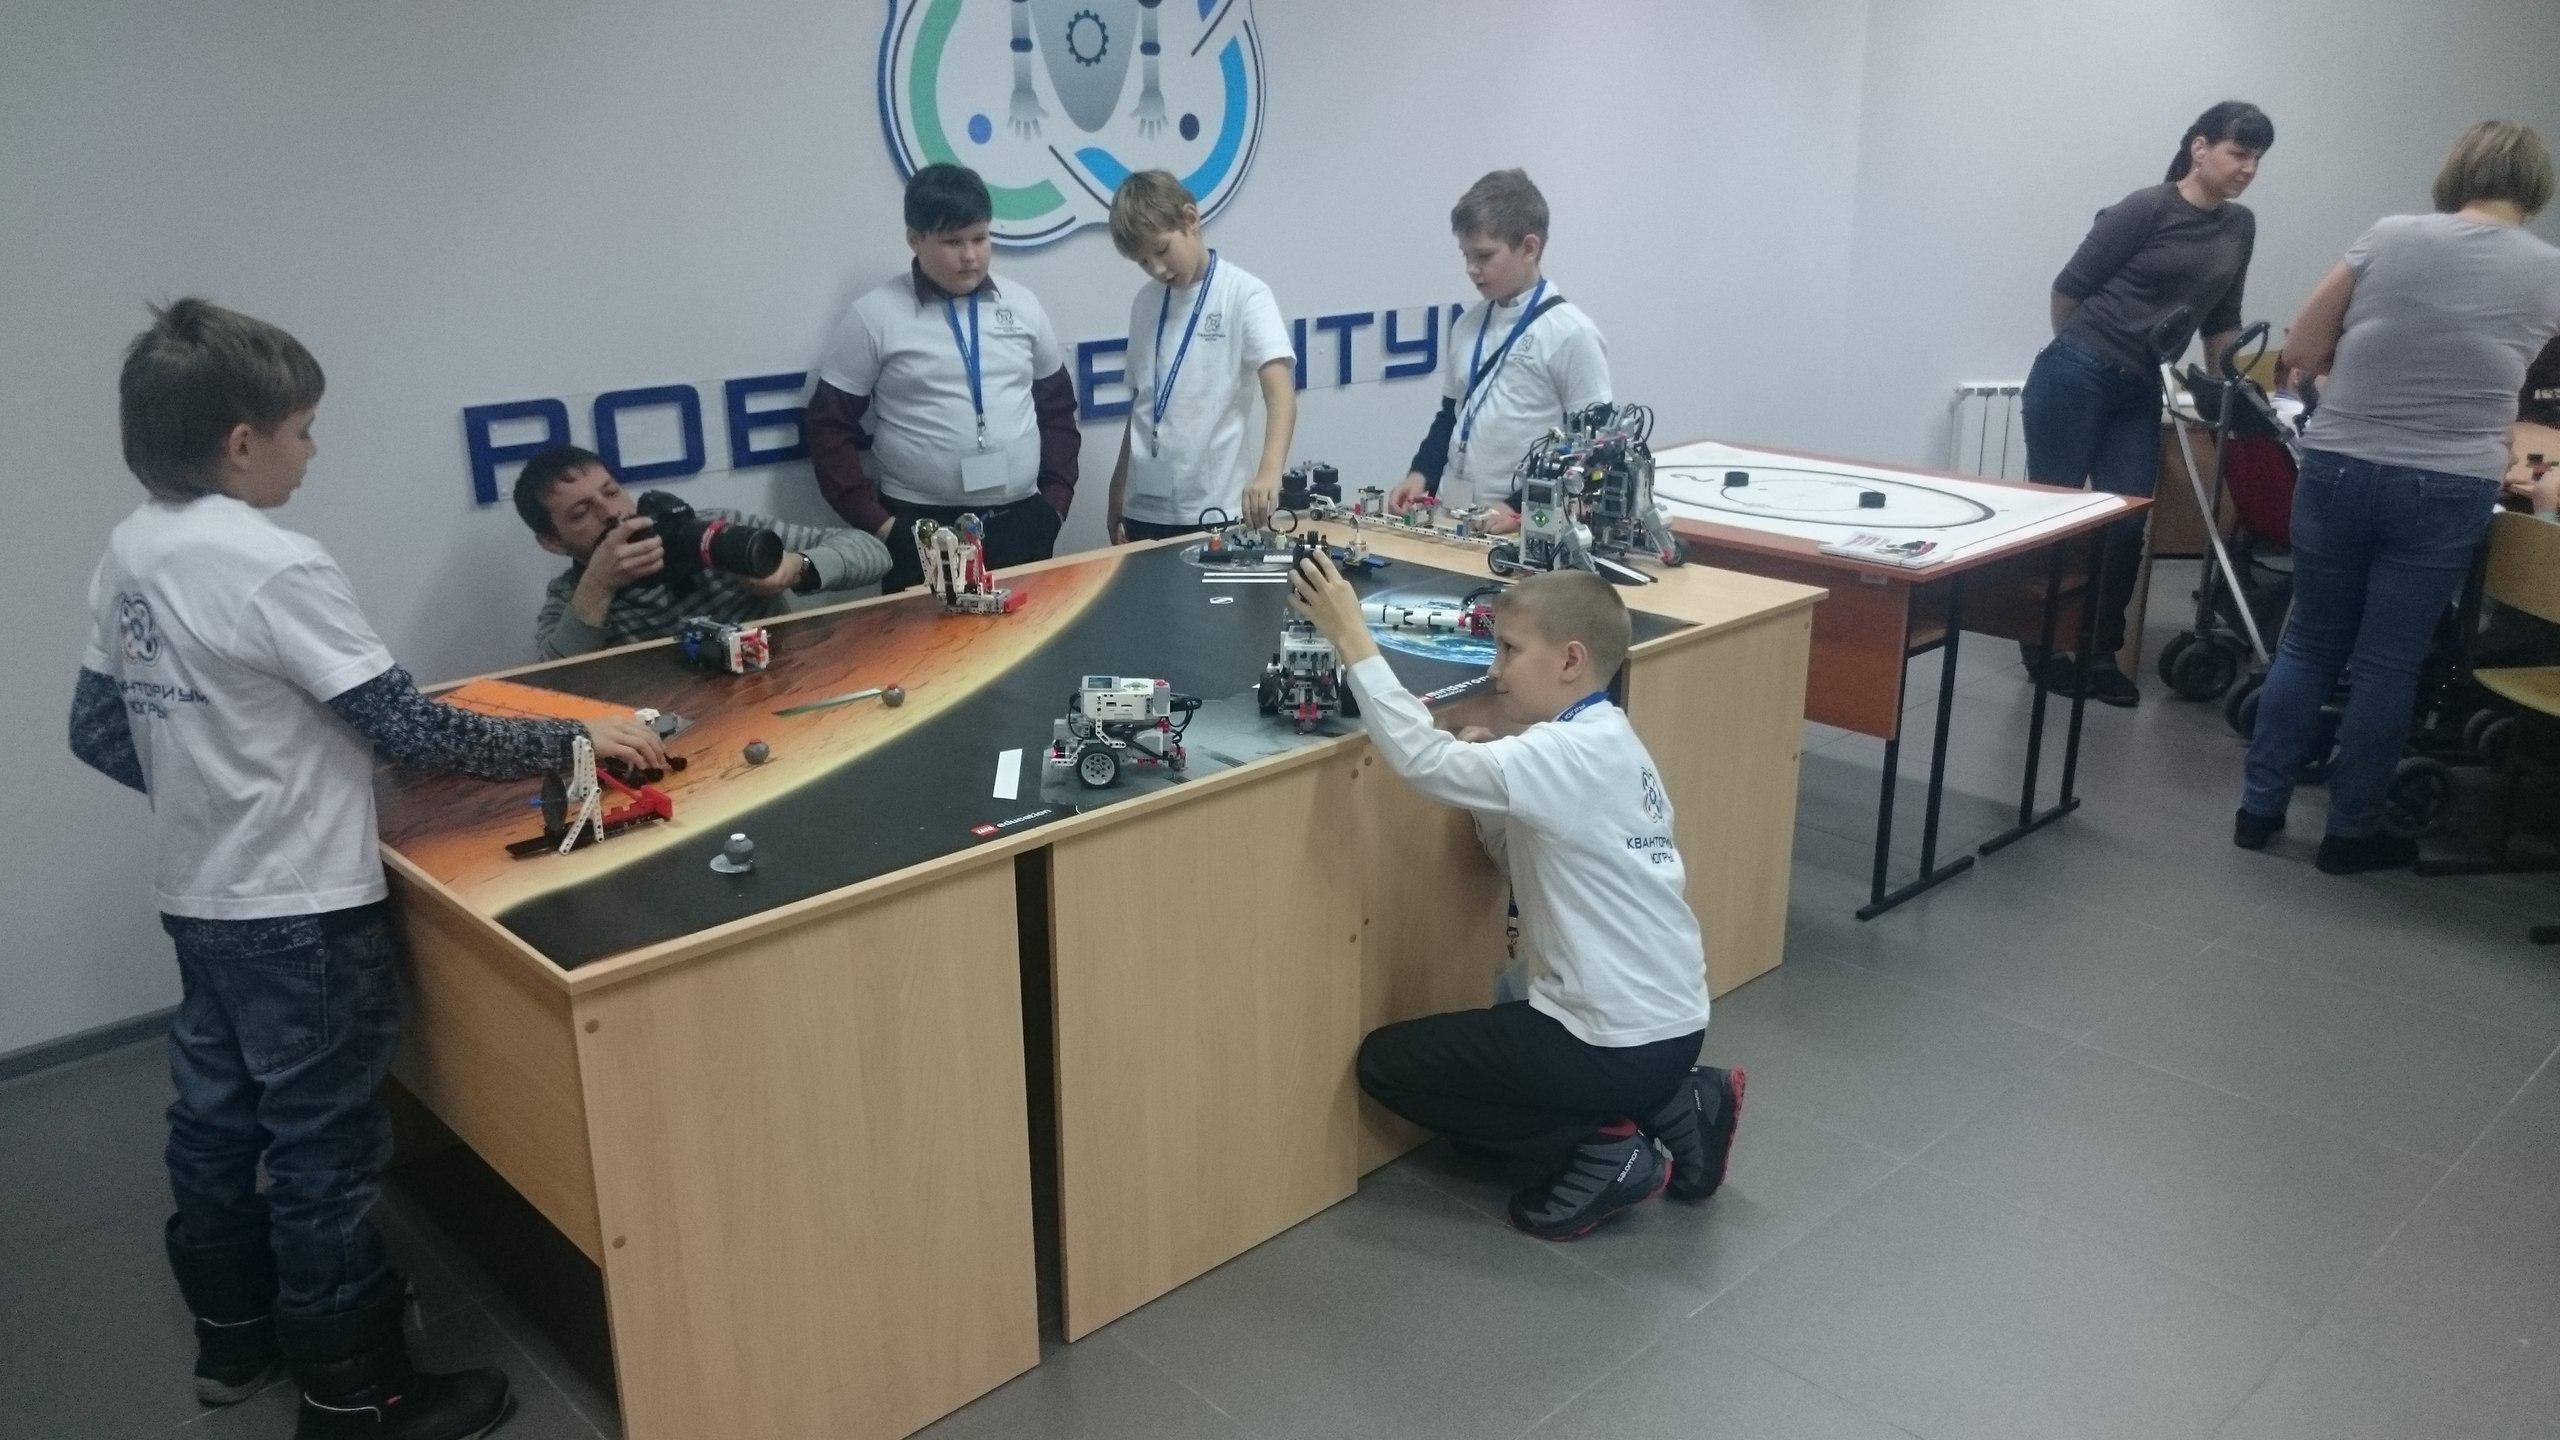 «Робоквантум» открыт сегодня в Ханты-Мансийске